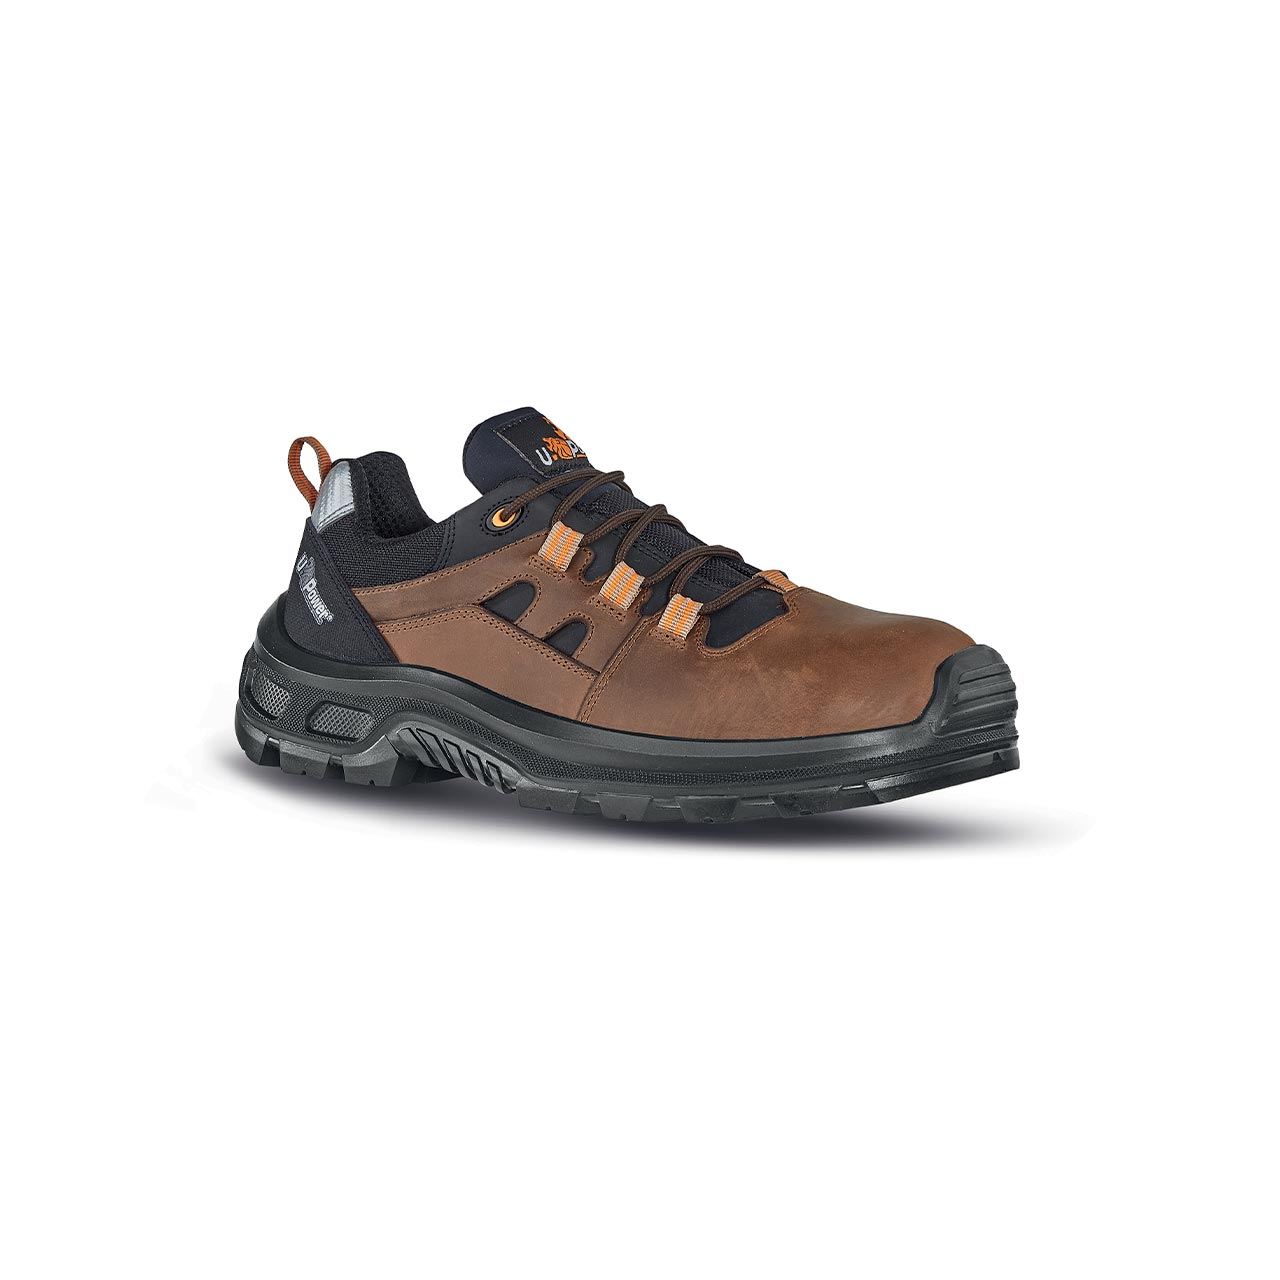 scarpa antinfortunistica upower modello provoke linea conceptplus vista laterale